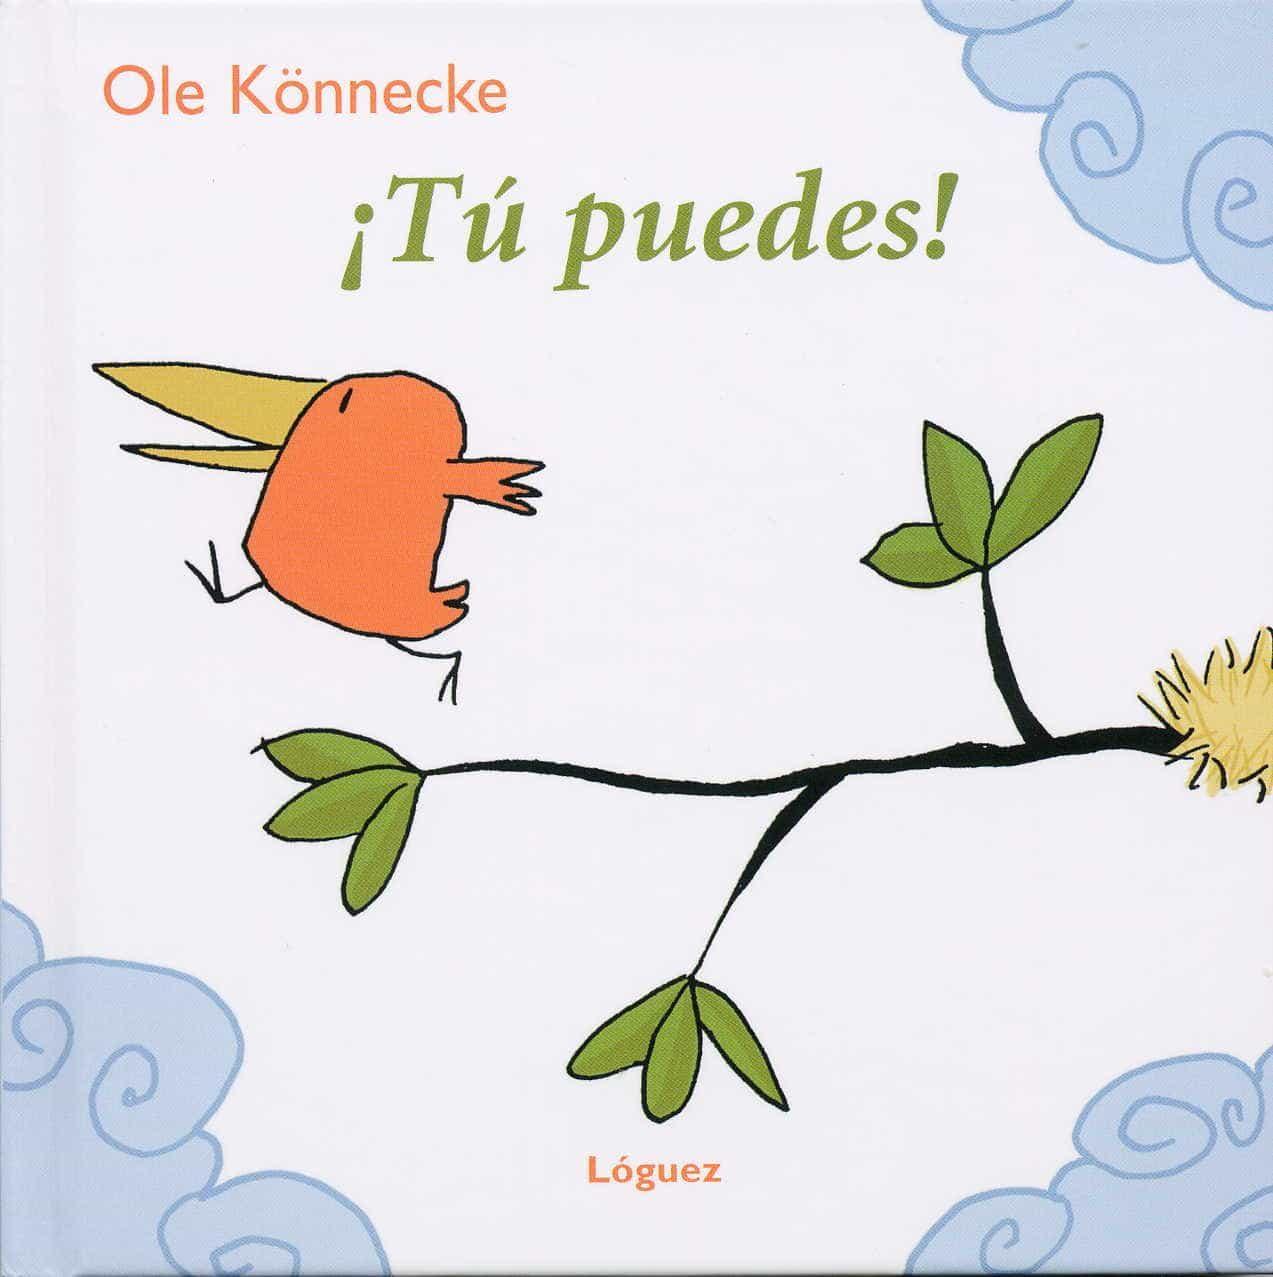 ¡tu Puedes! - Könnecke Ole